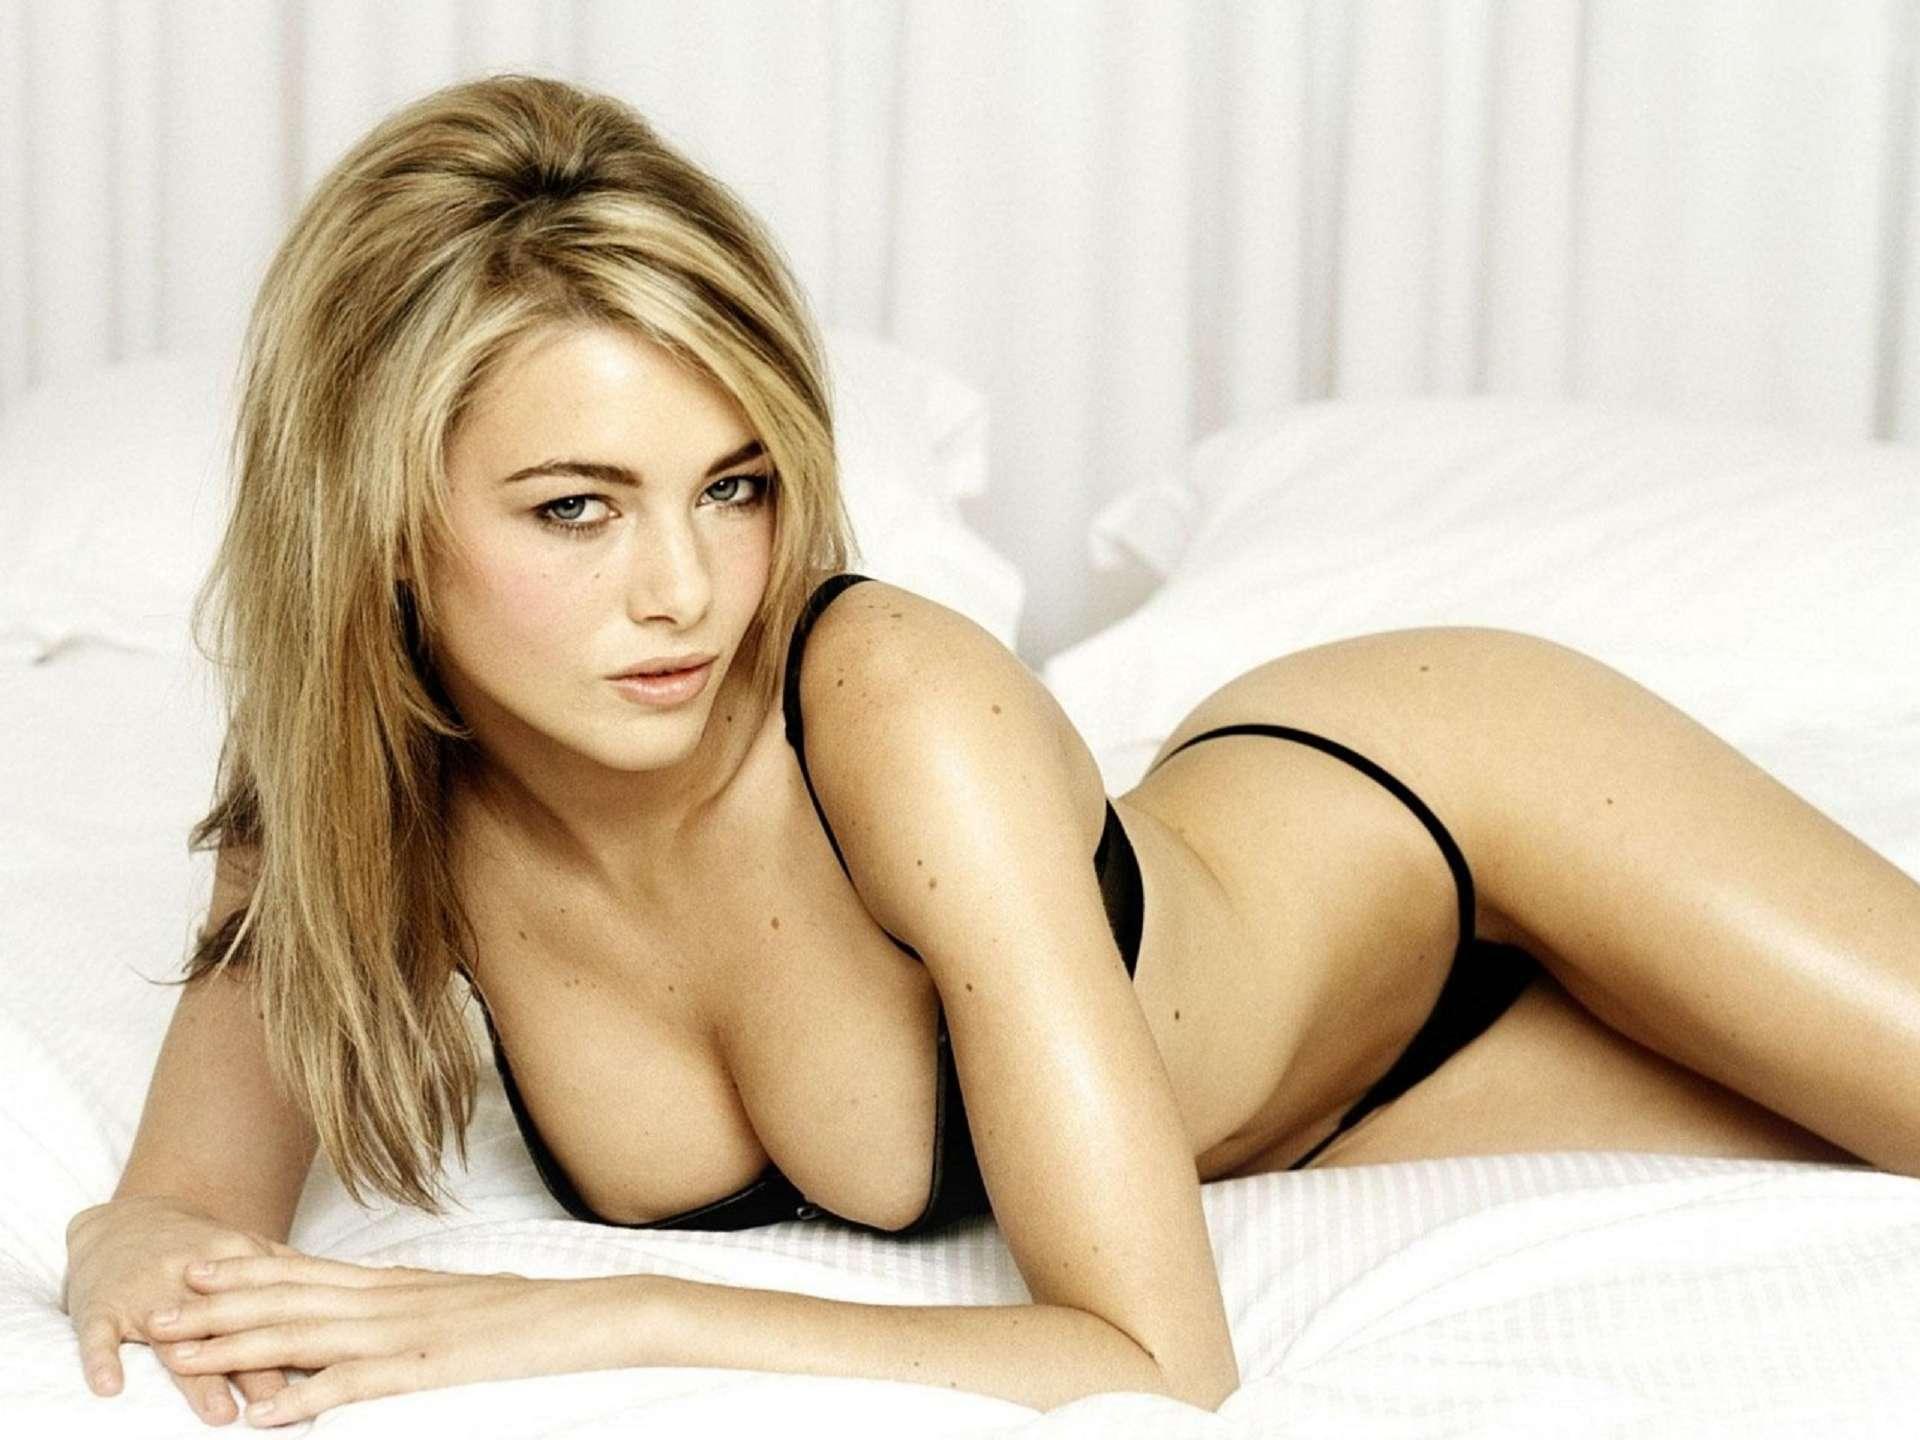 Holly wood actress nude photos